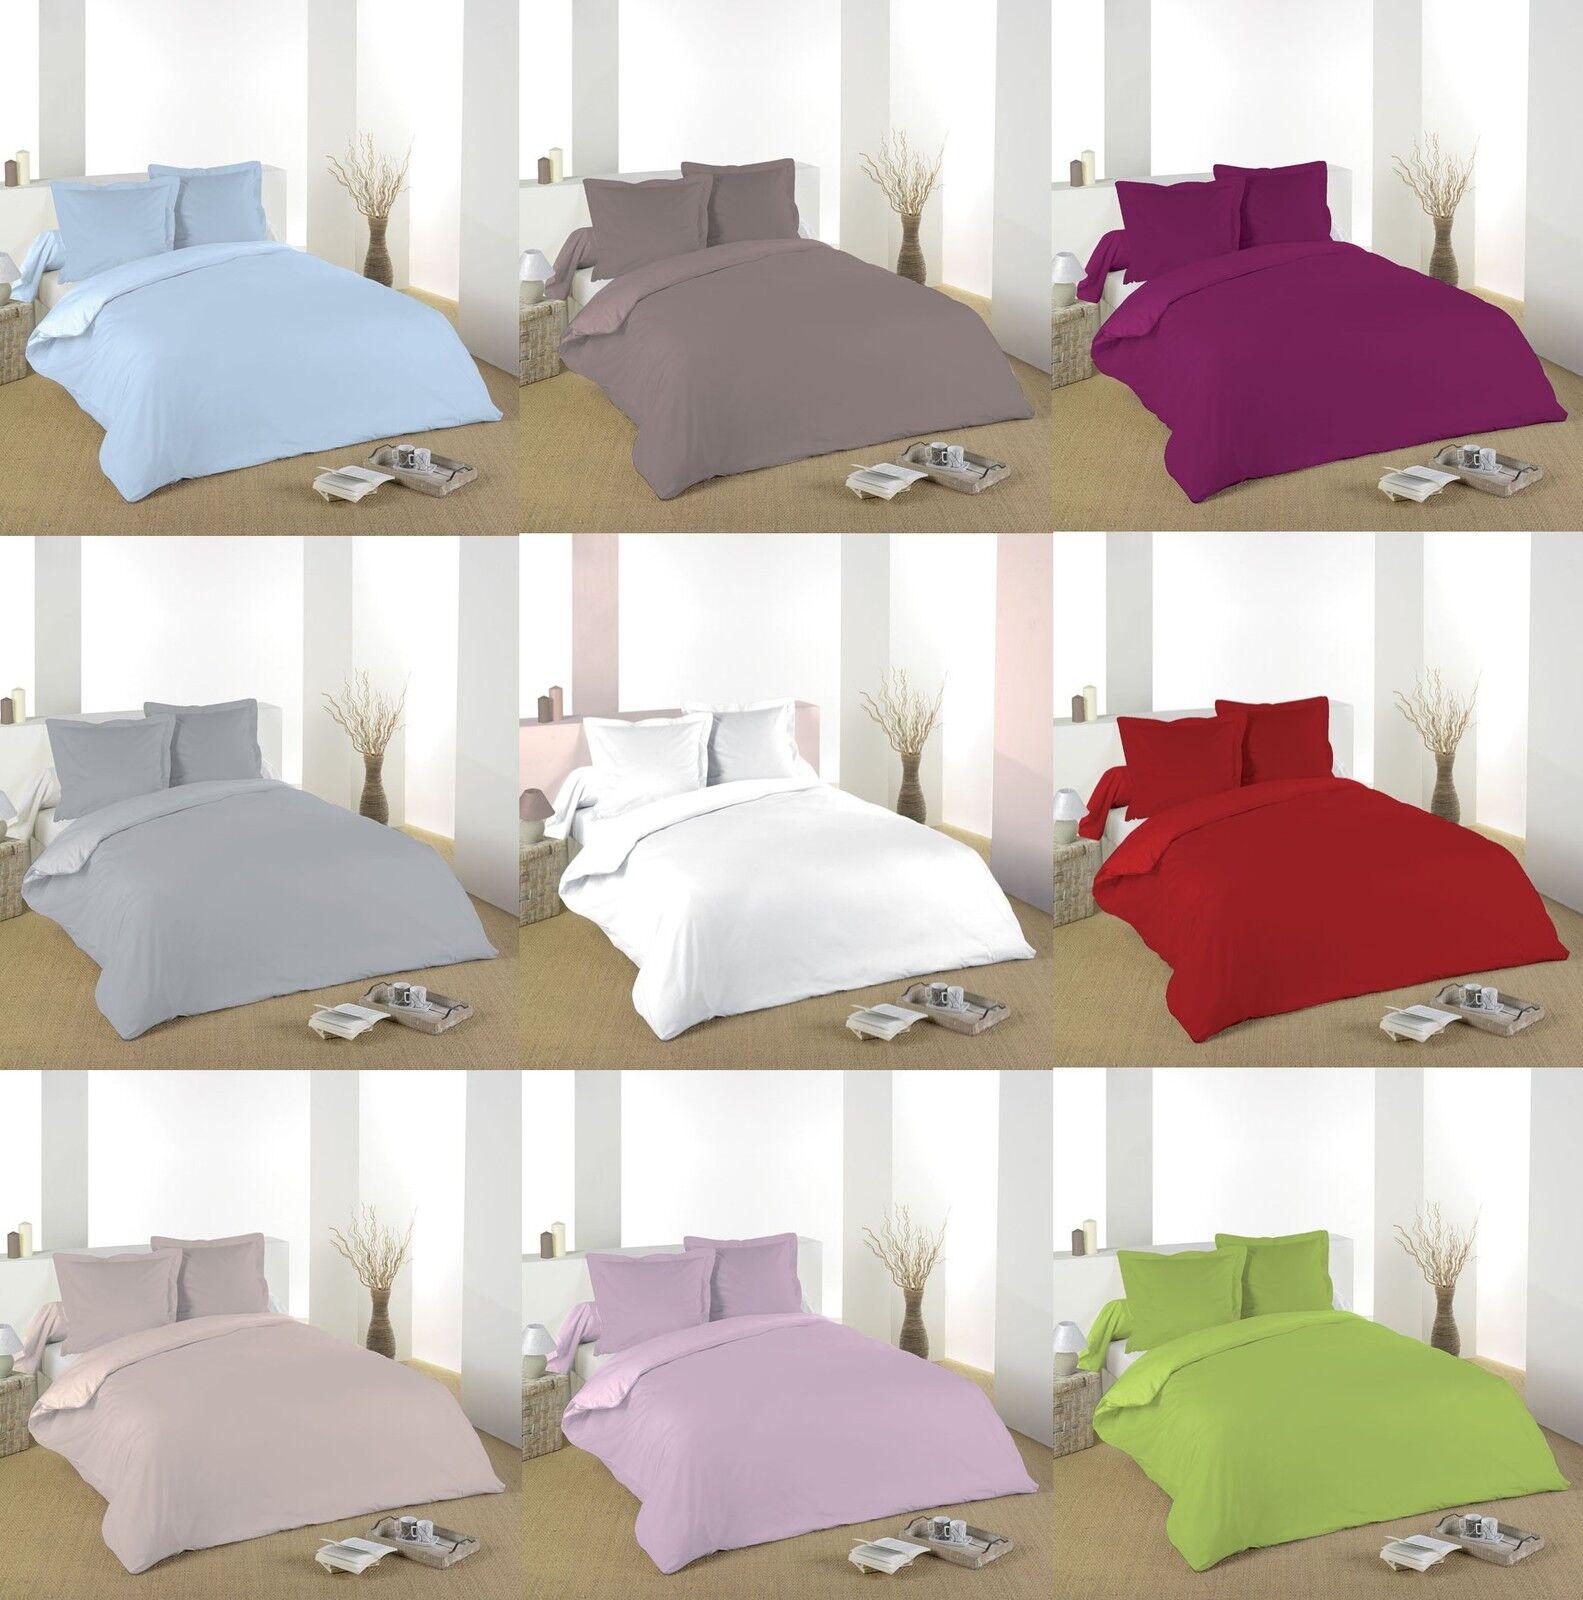 Bettwäsche 5 teile Bettbezug 260 x 240 + 3 bezüge + spannbettuch 160